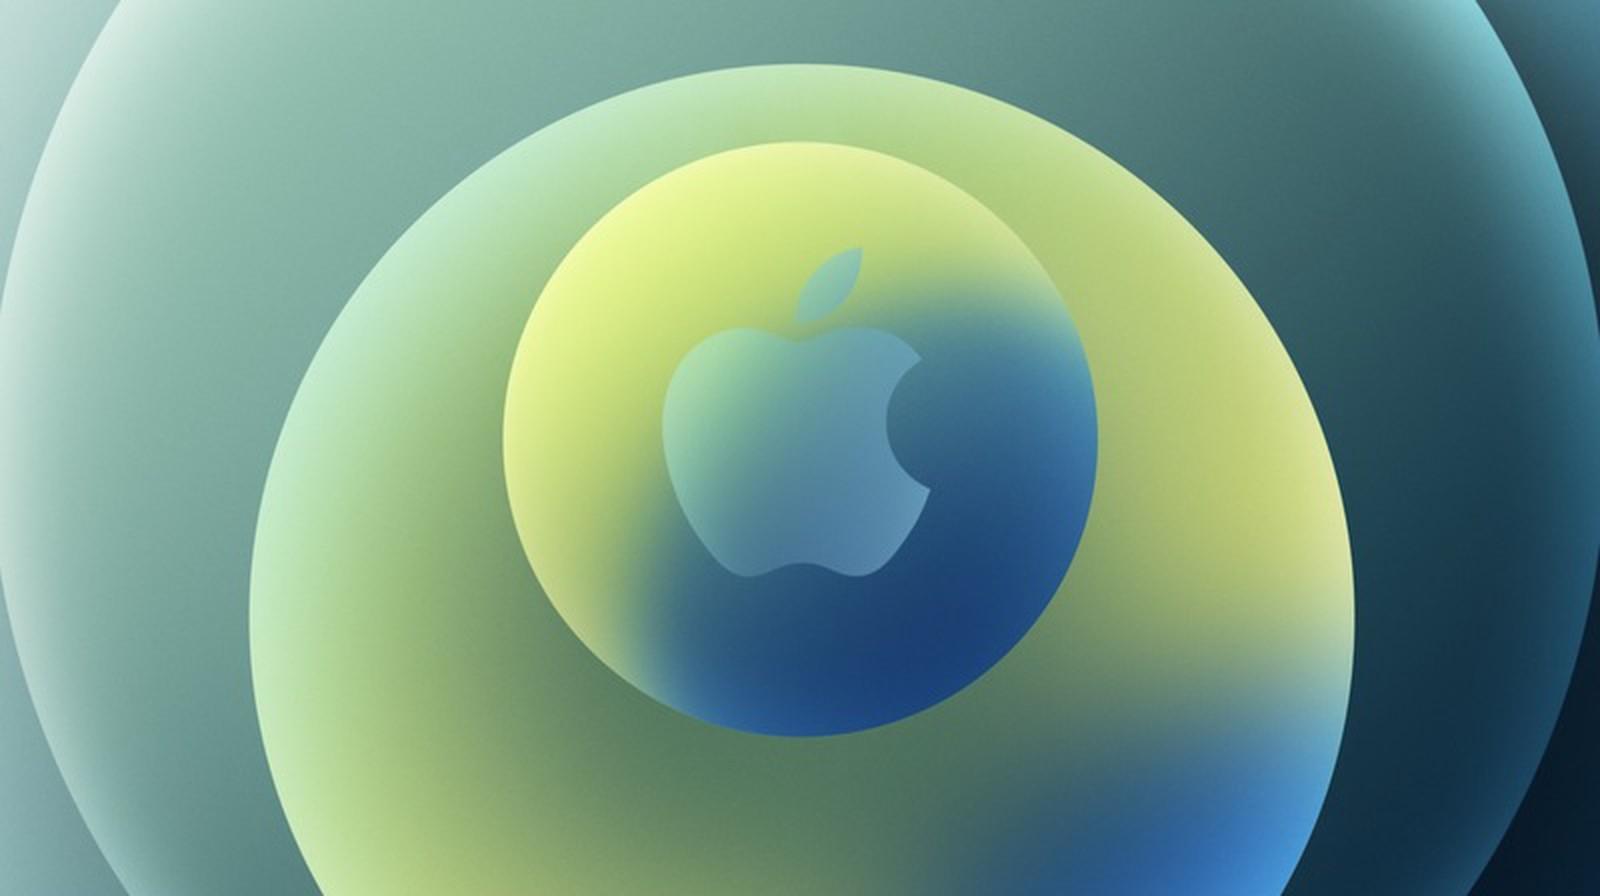 أبل تكشف عن سلسلة هواتف آيفون لعام ٢٠٢٠